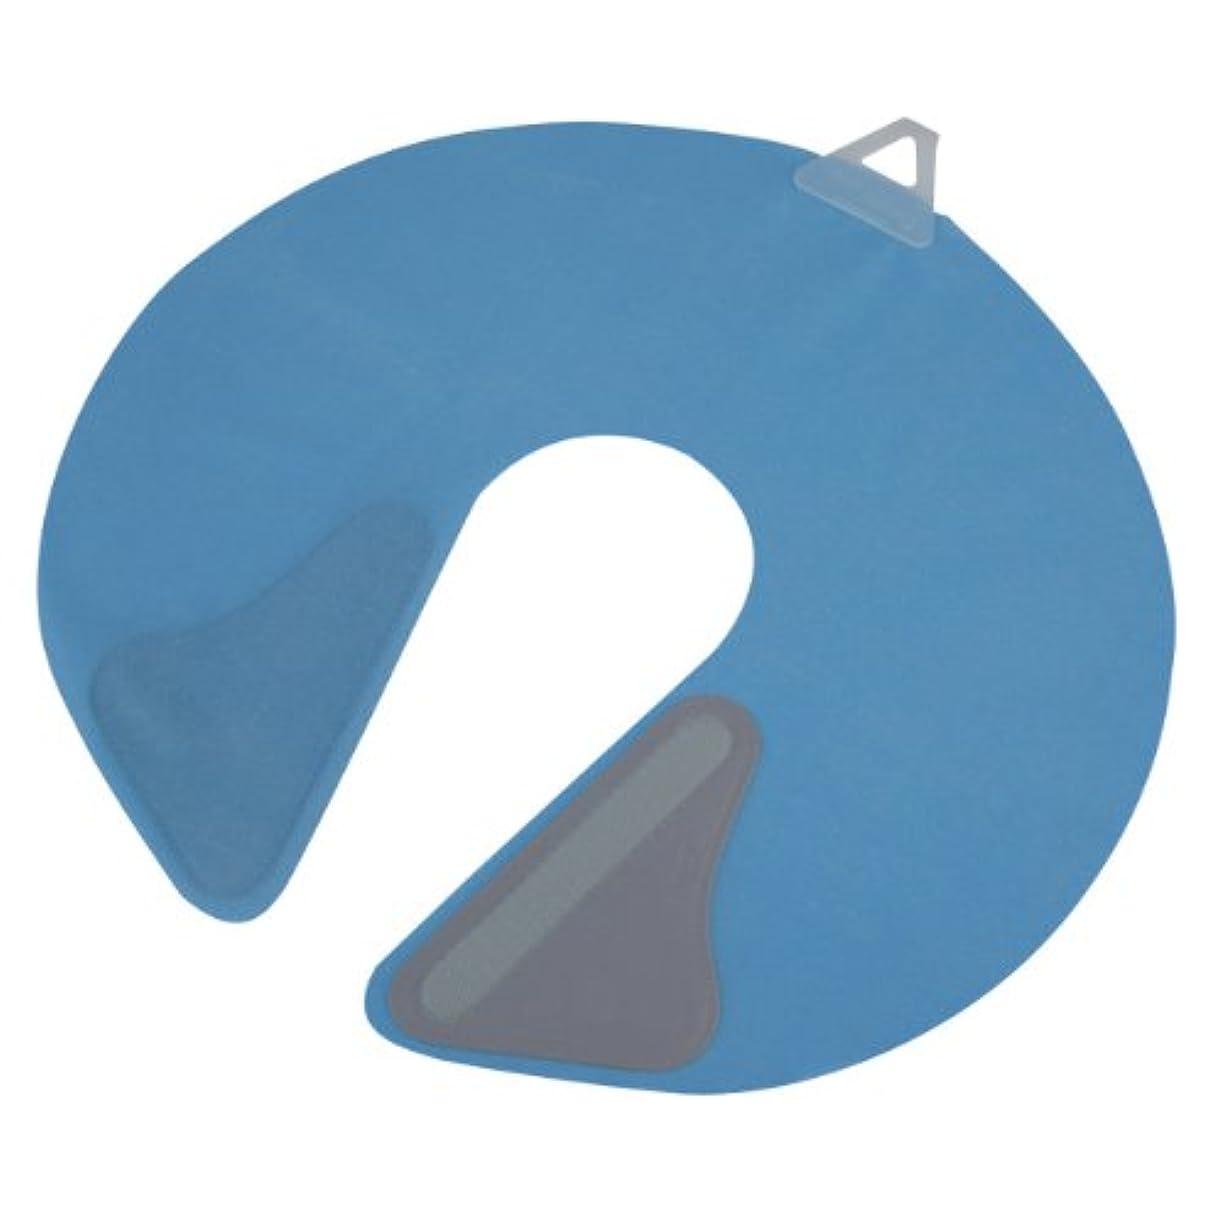 絶滅させるサンダルボンド竹家 ネックシャッター ブルー